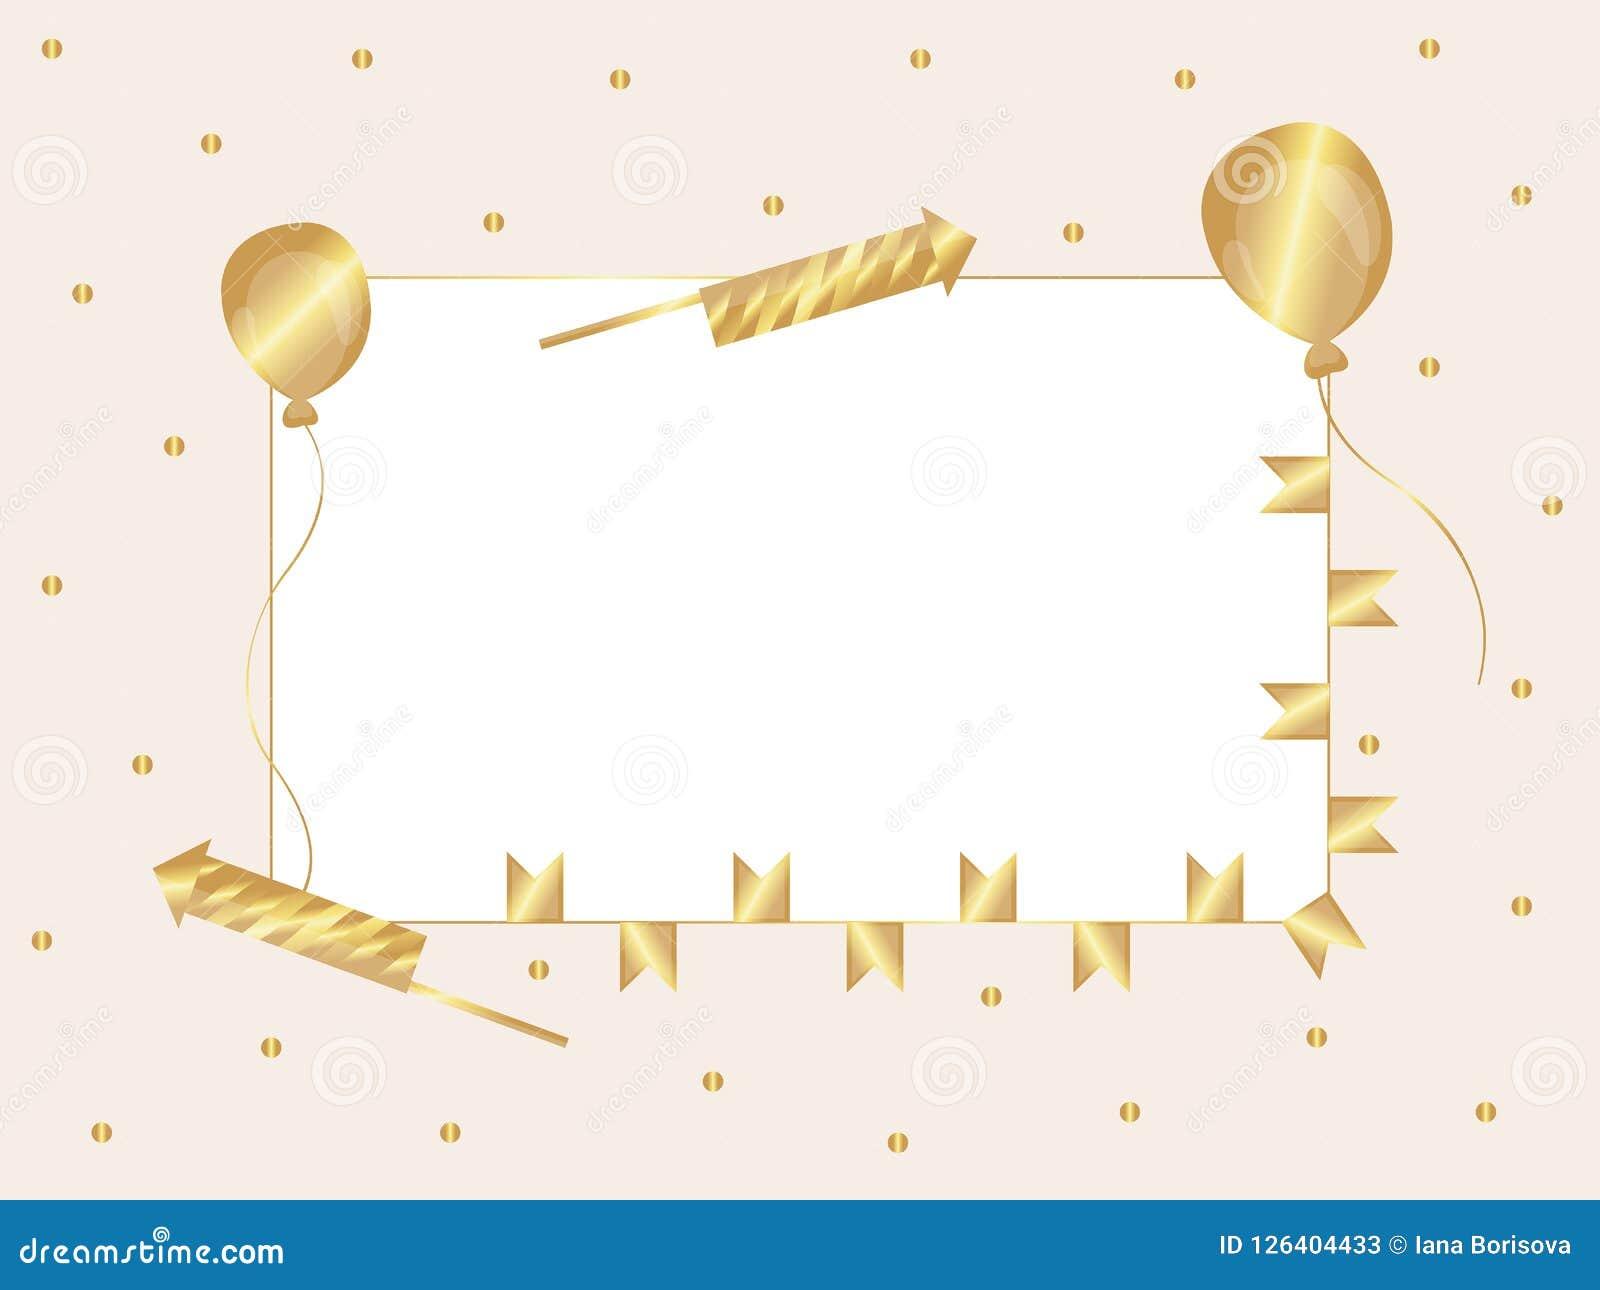 框架 背景是与金黄五彩纸屑、爆竹、气球和旗子的粉红彩笔 向量